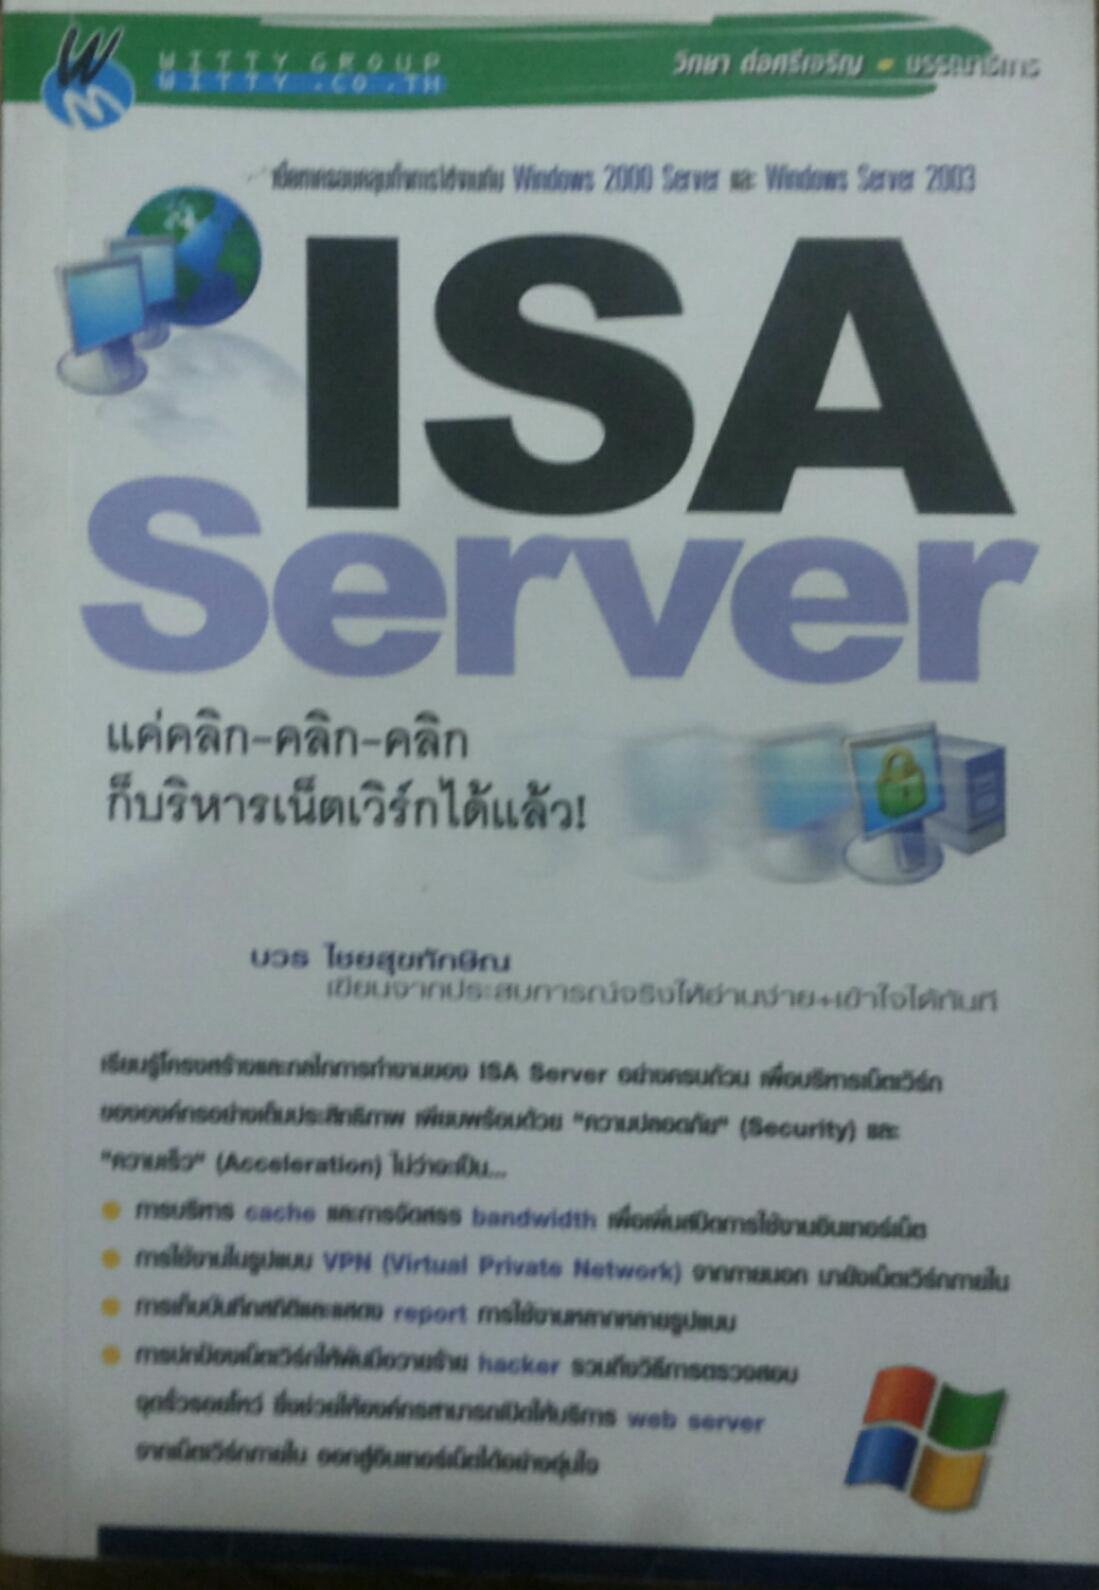 ISA Server แค่คลิก-คลิก-คลิก ก็บริหารเน็ตเวิร์กได้แล้ว